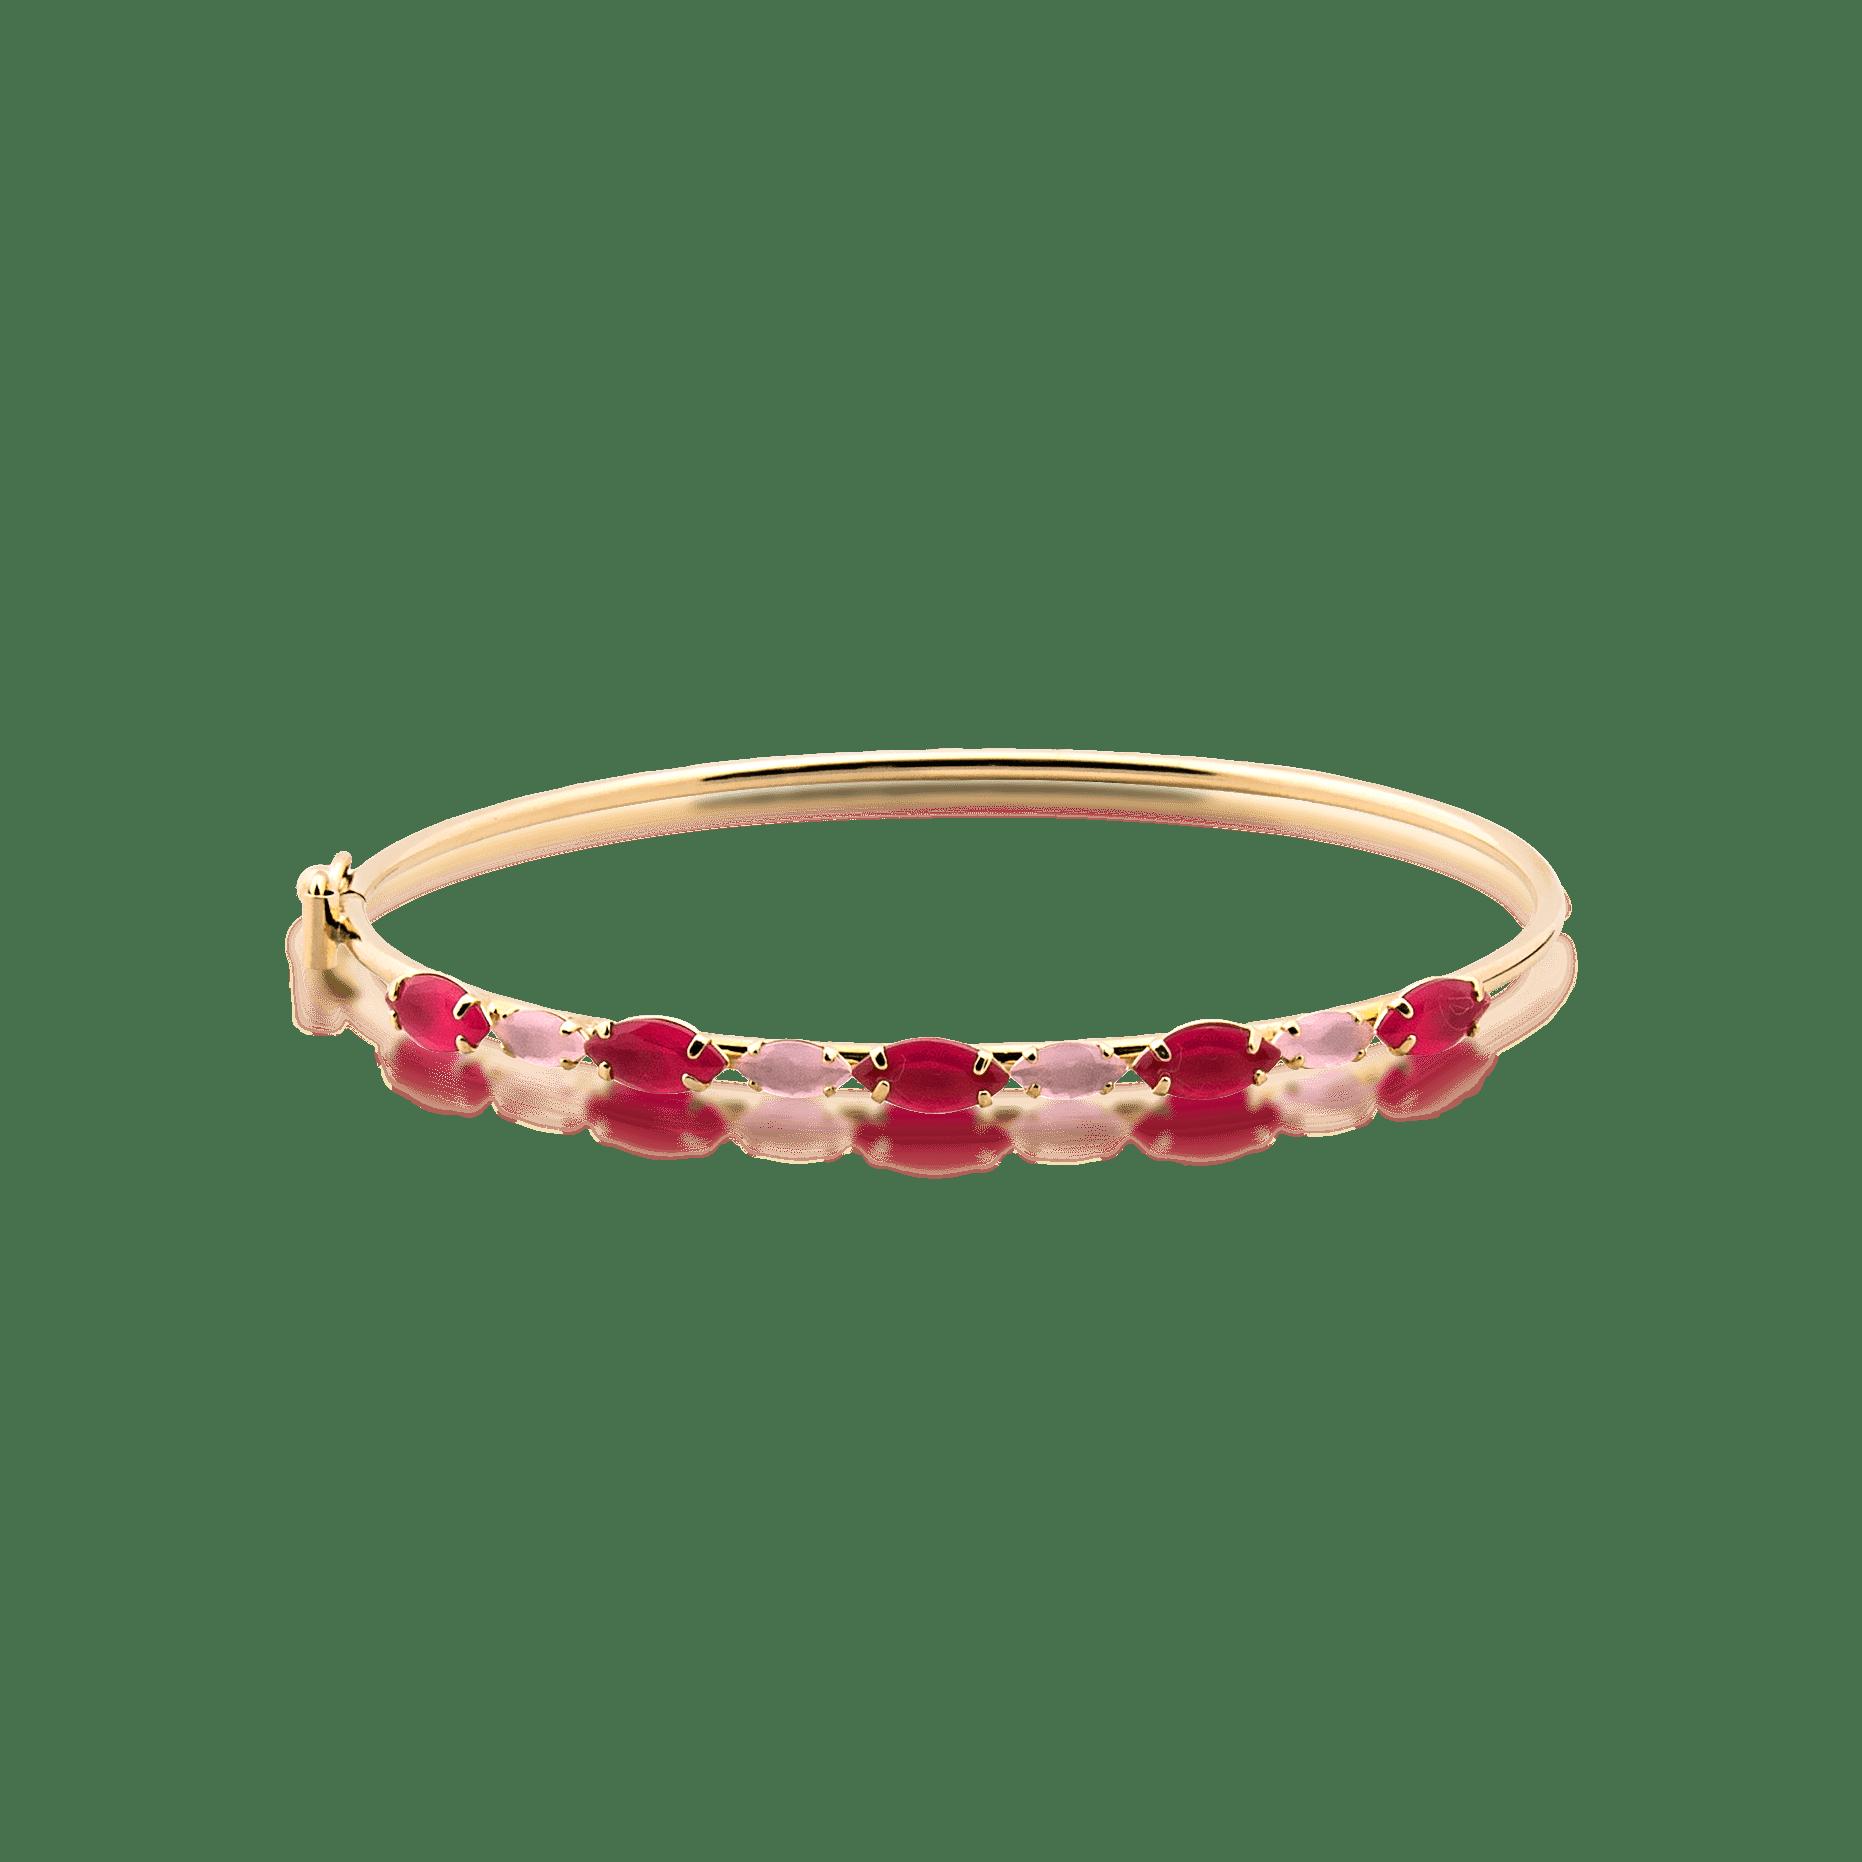 Bracelete Folheado Com Pedra - Natureza